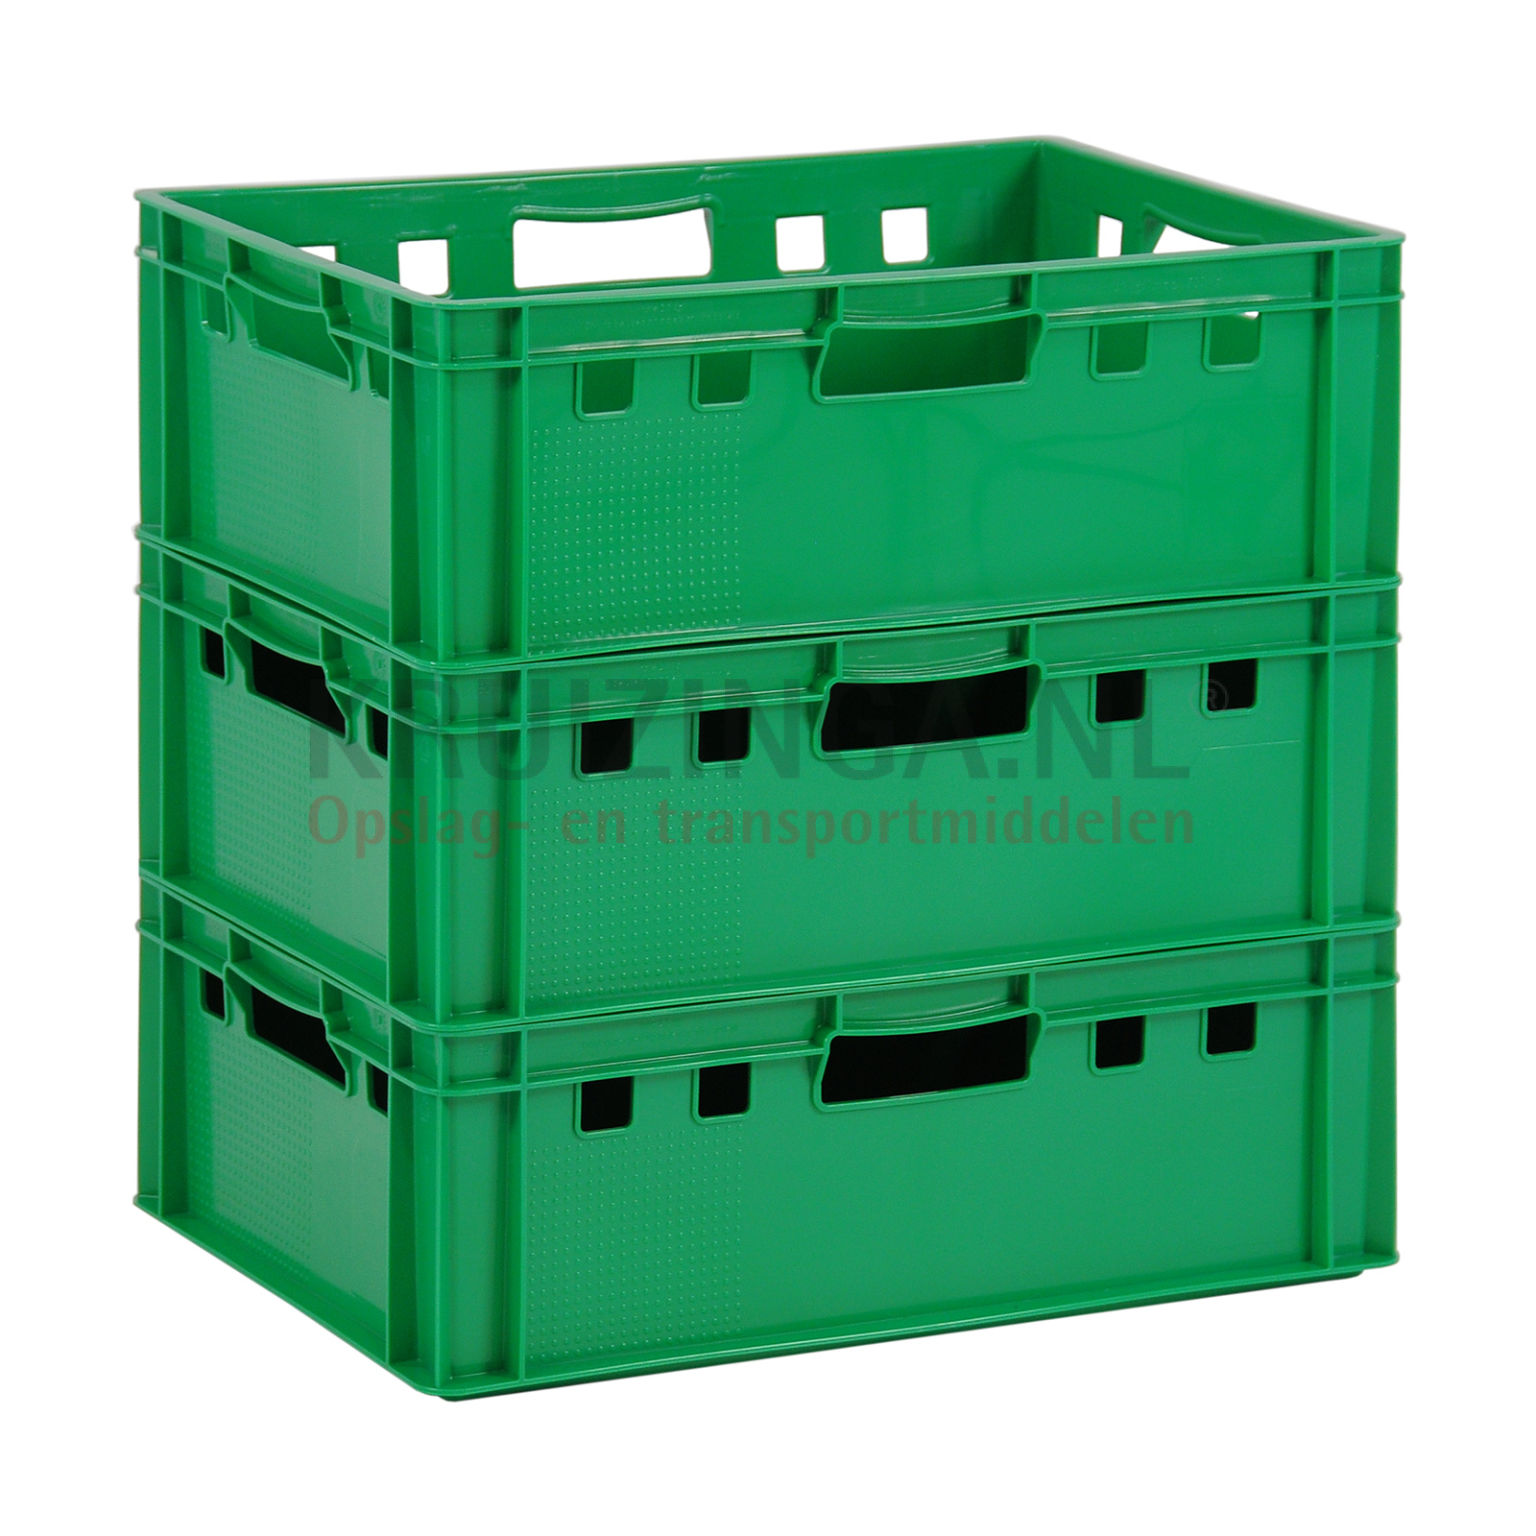 bac de rangement plastique gerbable e2 caisse de viande avec poign es ouvert partir de 8 90. Black Bedroom Furniture Sets. Home Design Ideas